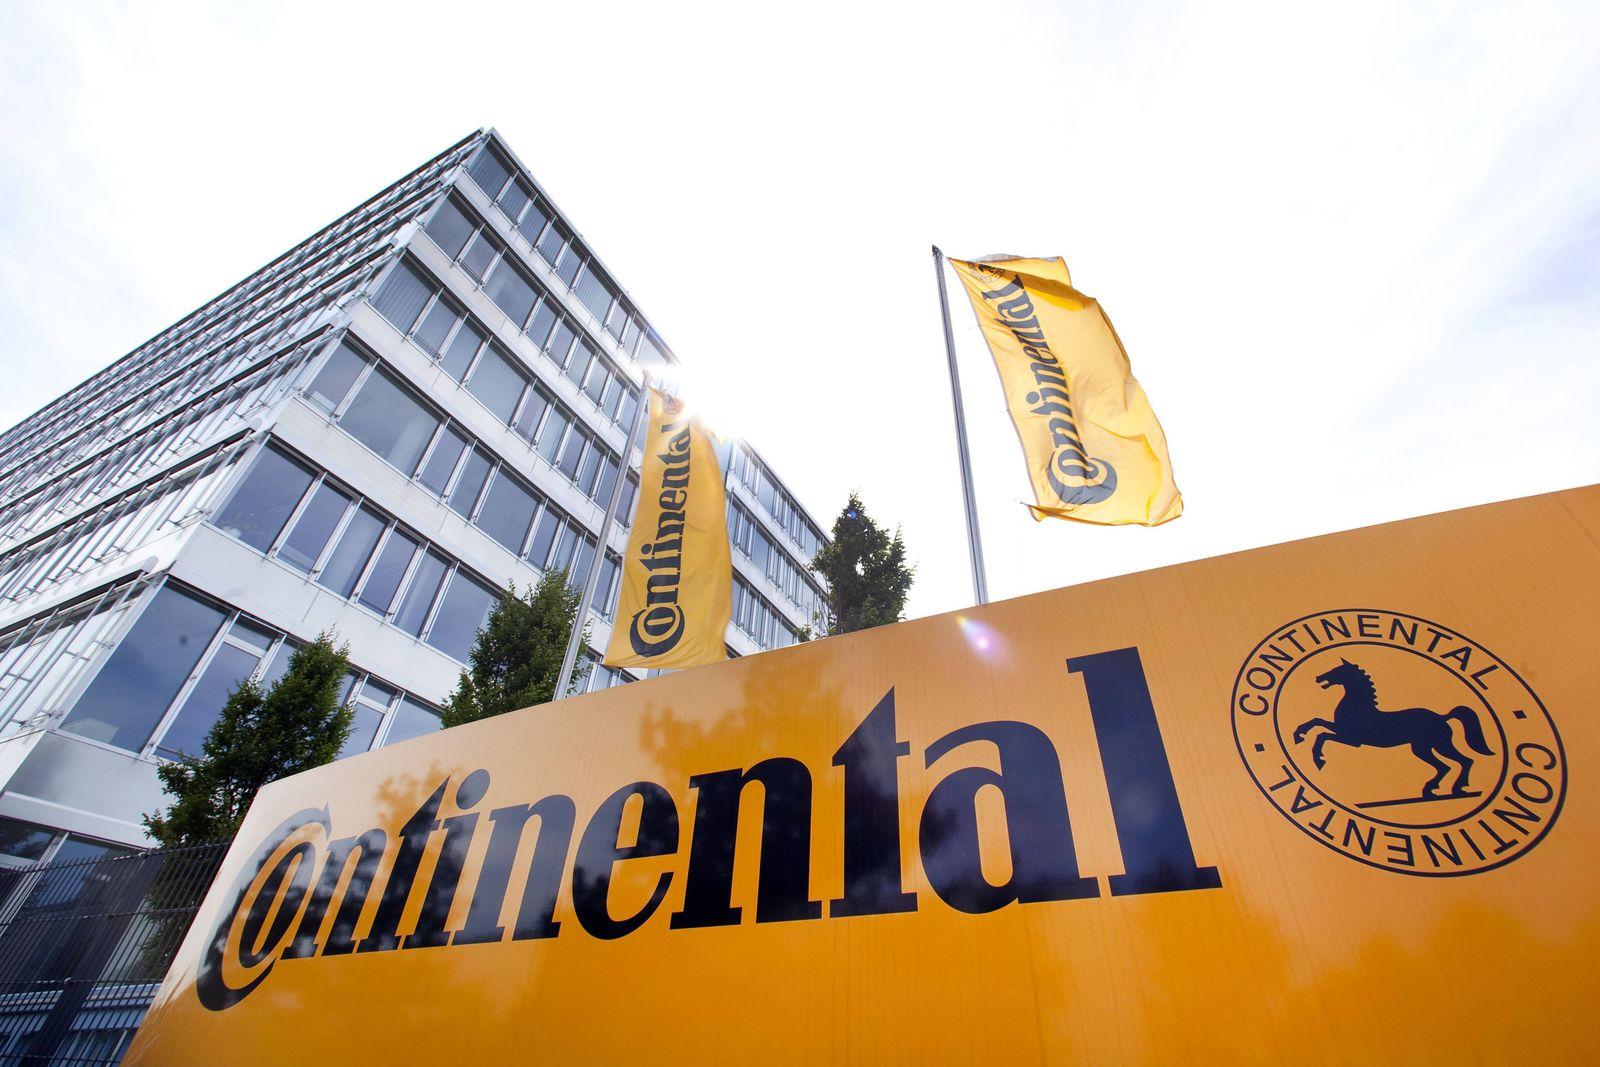 Zentrale der Continental Automotive GmbH in Regensburg, Bayern, Deutschland, Europa iblski01205038